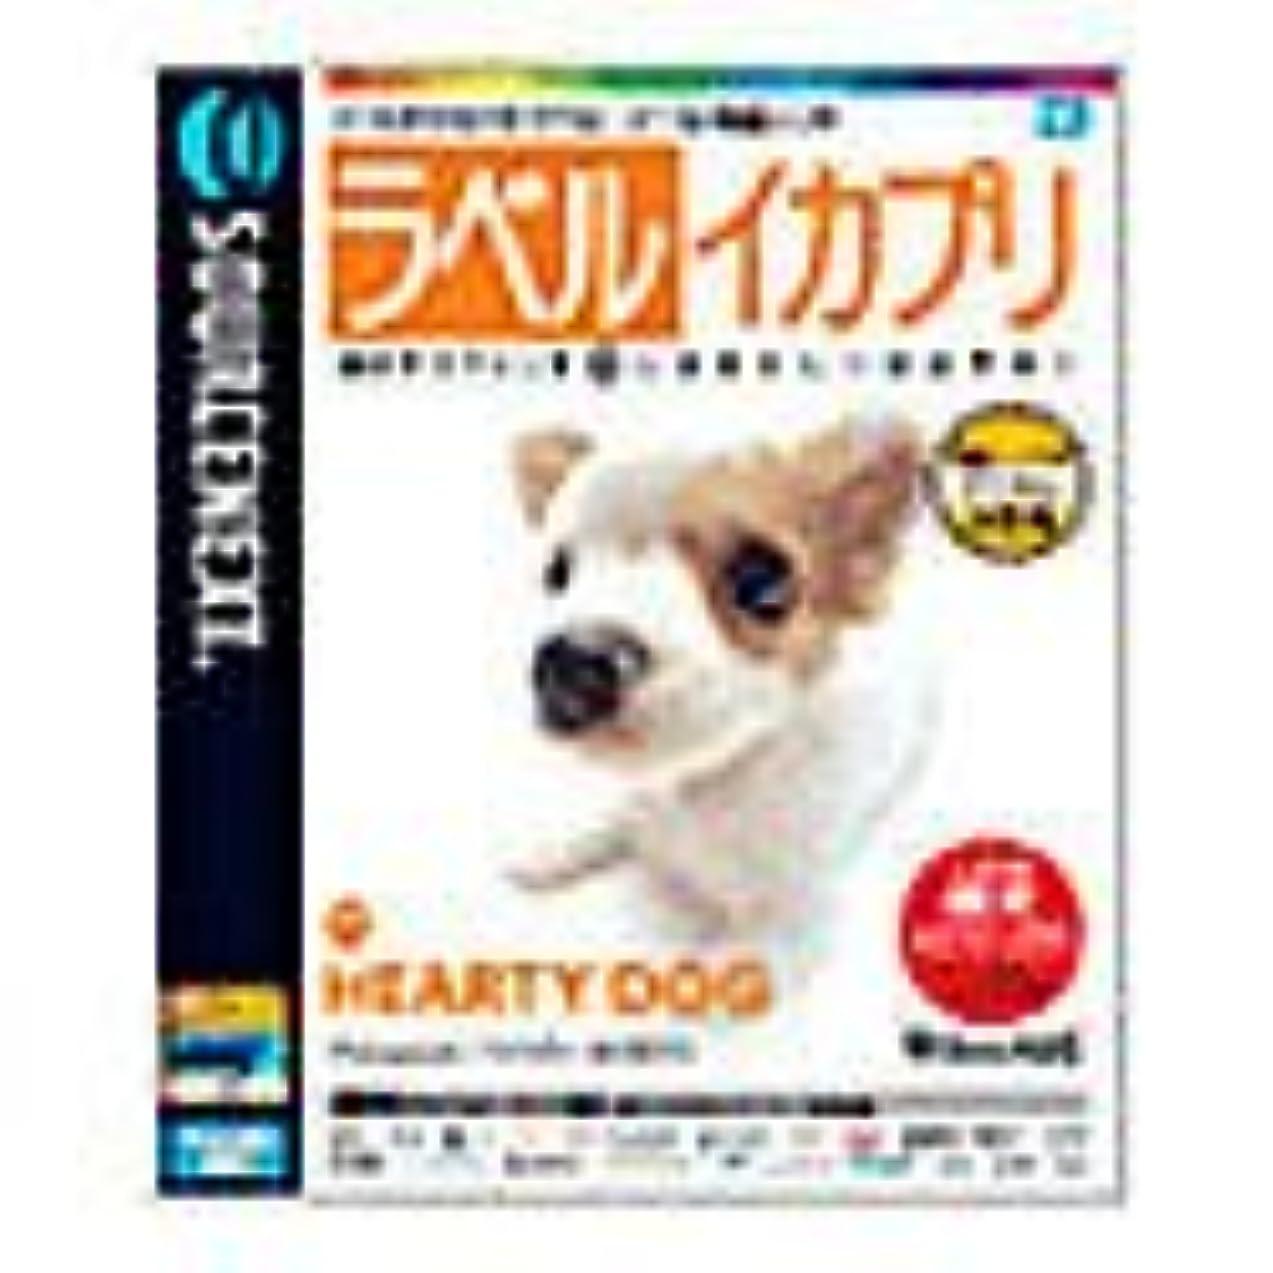 変更キャプチャー更新ラベル イカプリ HEARTY DOG キャンペーン版